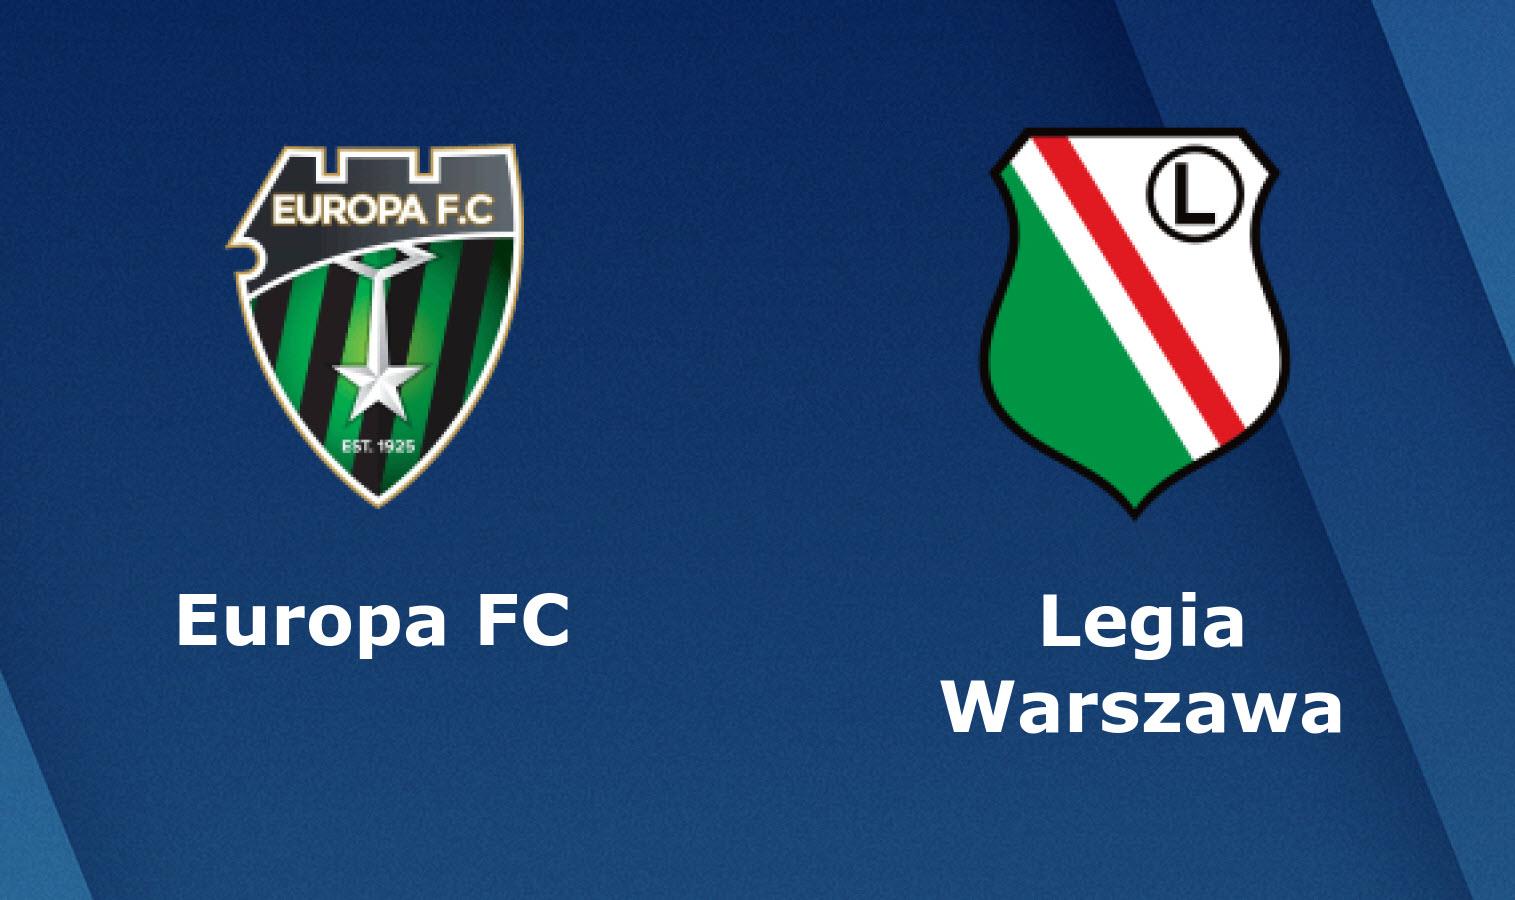 europa-fc-vs-legia-warszawa-01h30-ngay-12-07